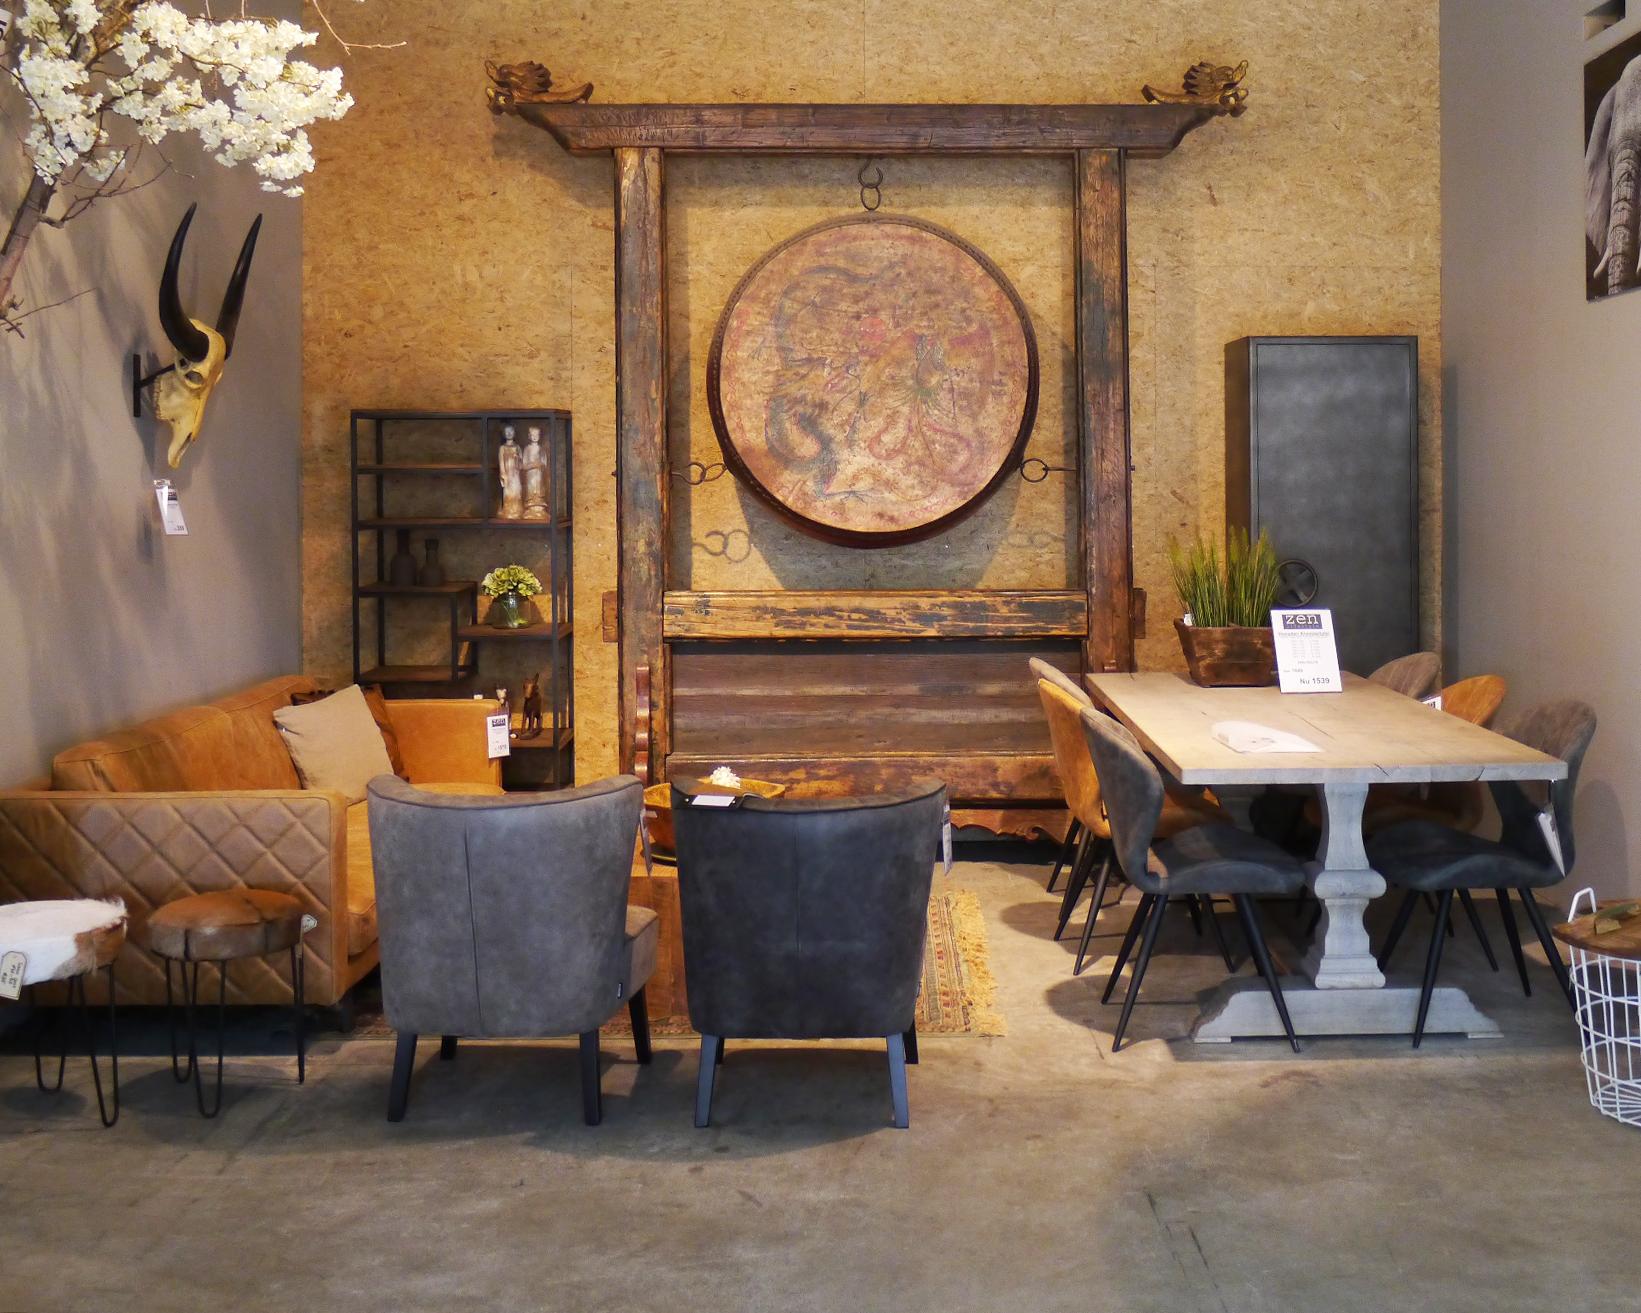 landelijke eettafel met stoere eetkamerstoelen naast een comfortabele lederen bank zen. Black Bedroom Furniture Sets. Home Design Ideas